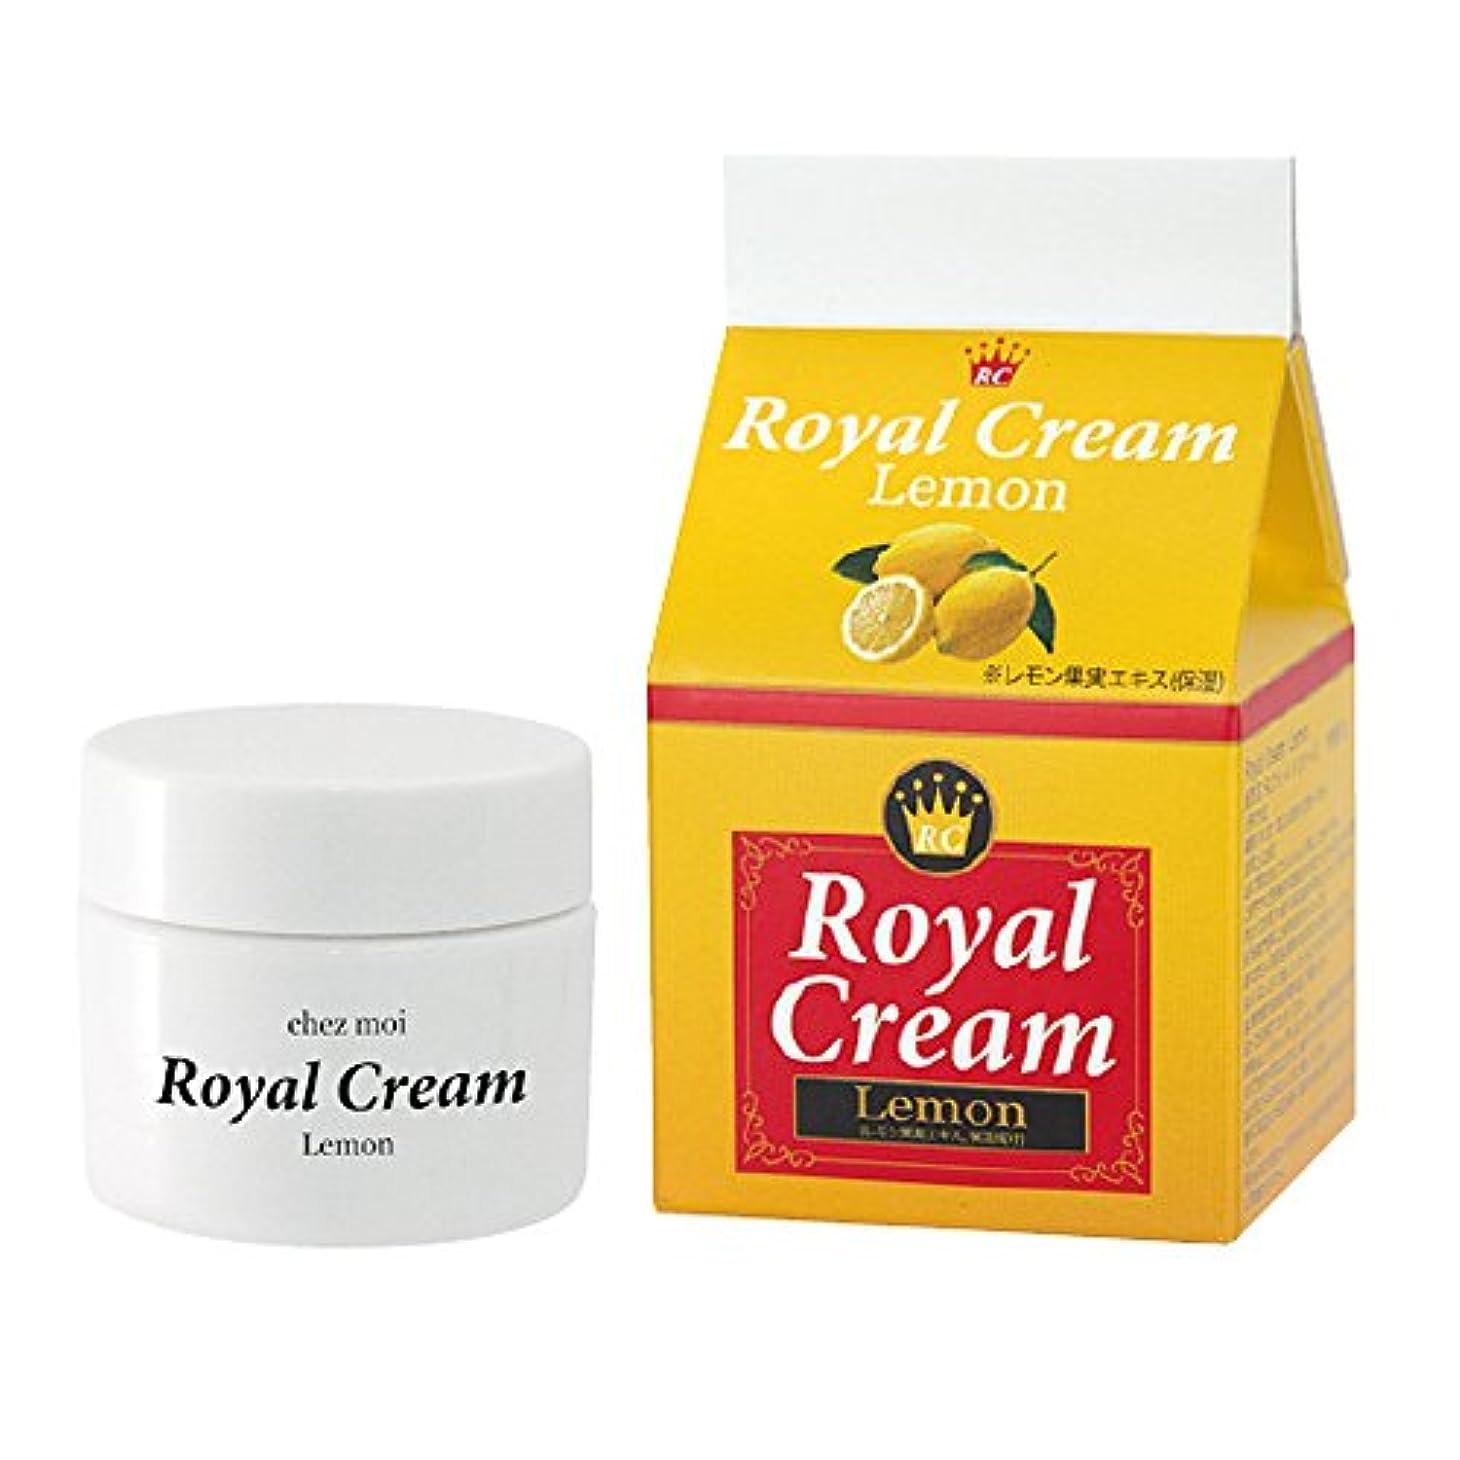 インレイ溝祝福シェモア Royal Cream Lemon(ロイヤルクリームレモン) 30g